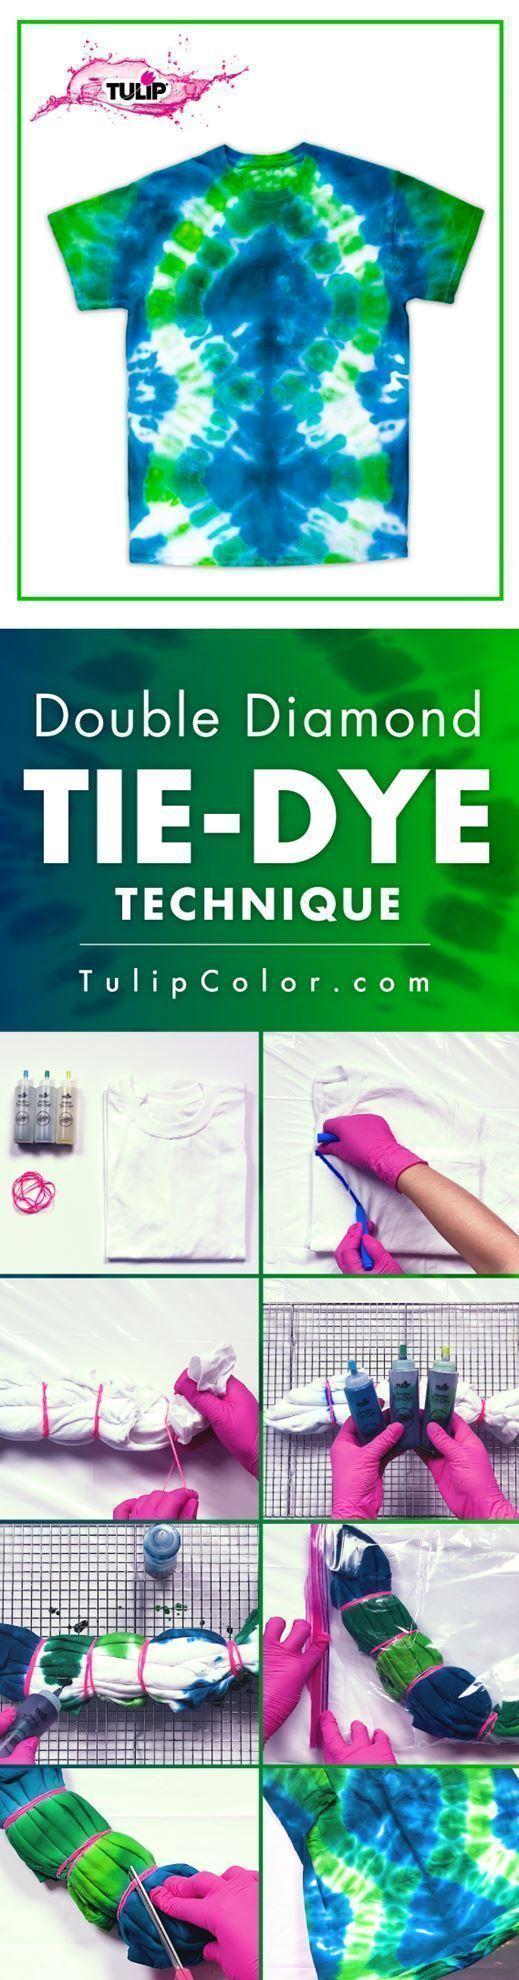 Diamond Tie-Dye Technique